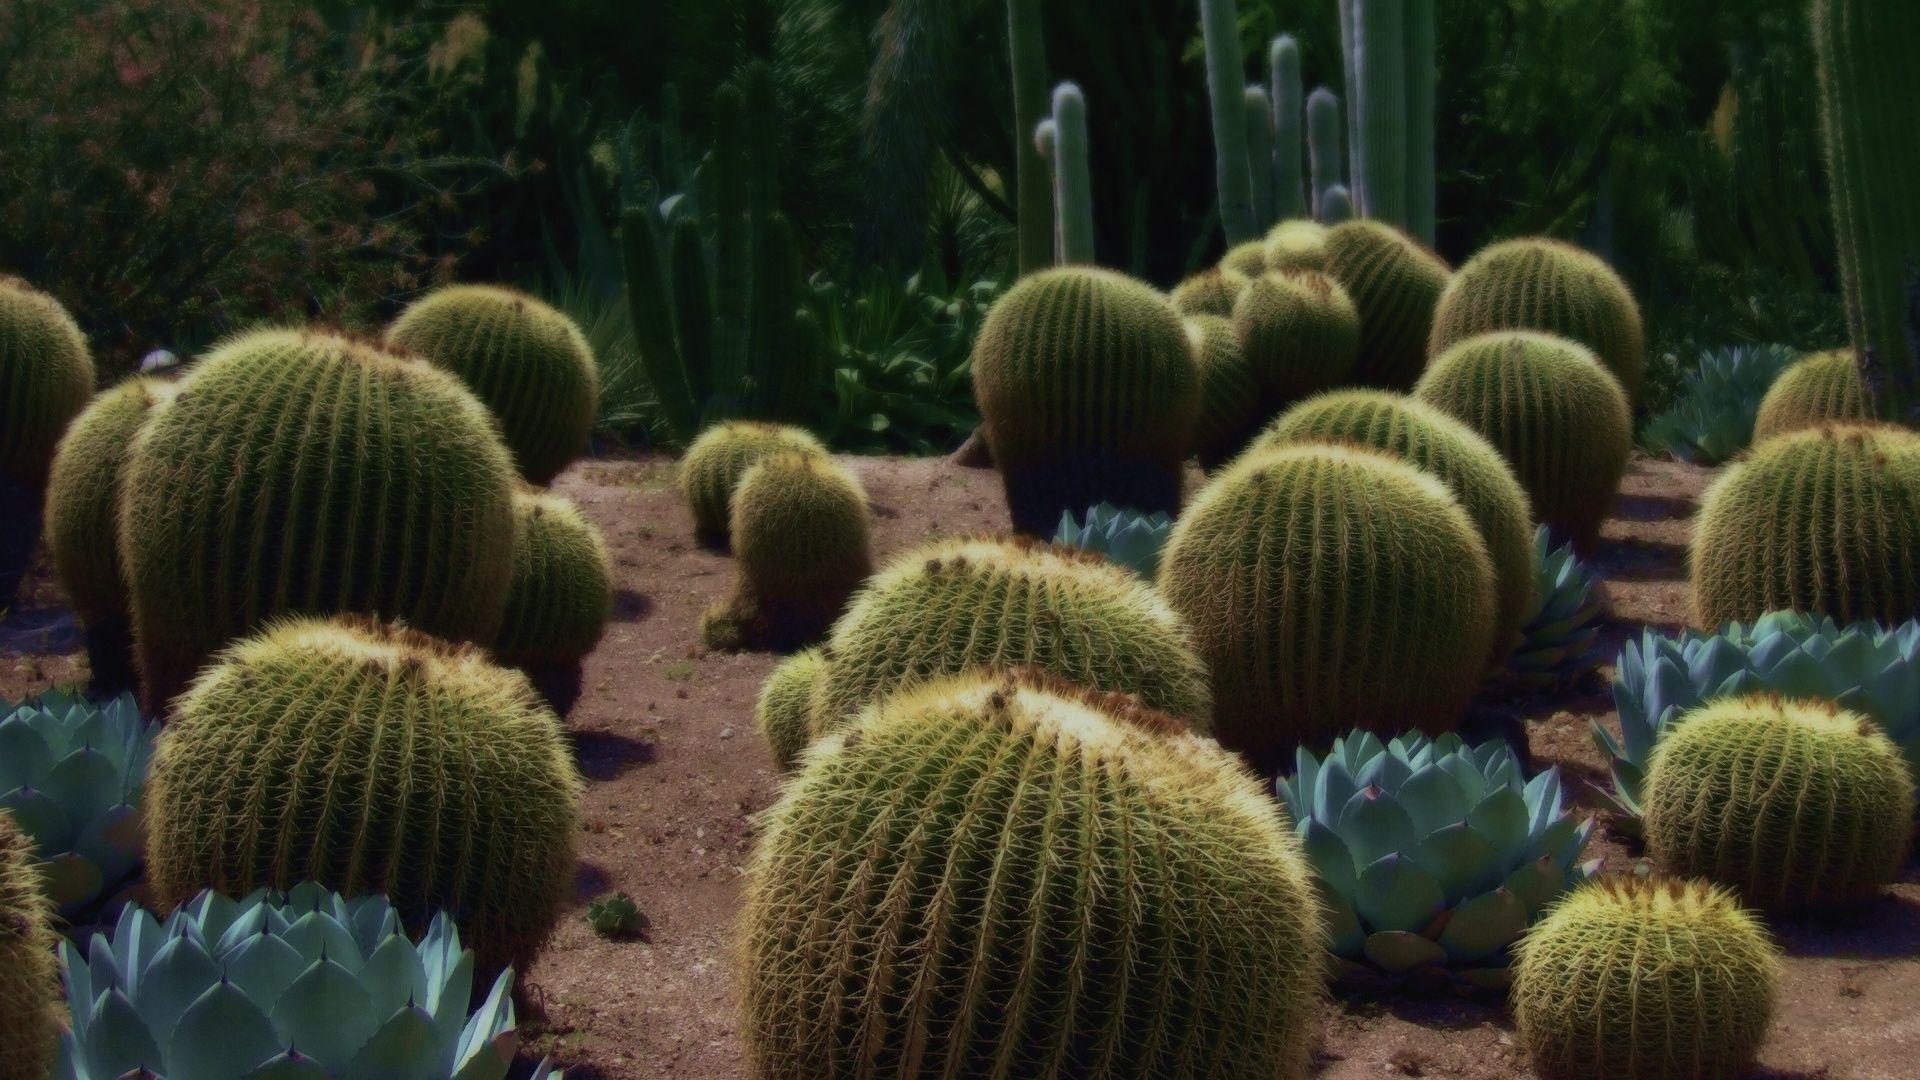 Cactus full screen hd wallpaper